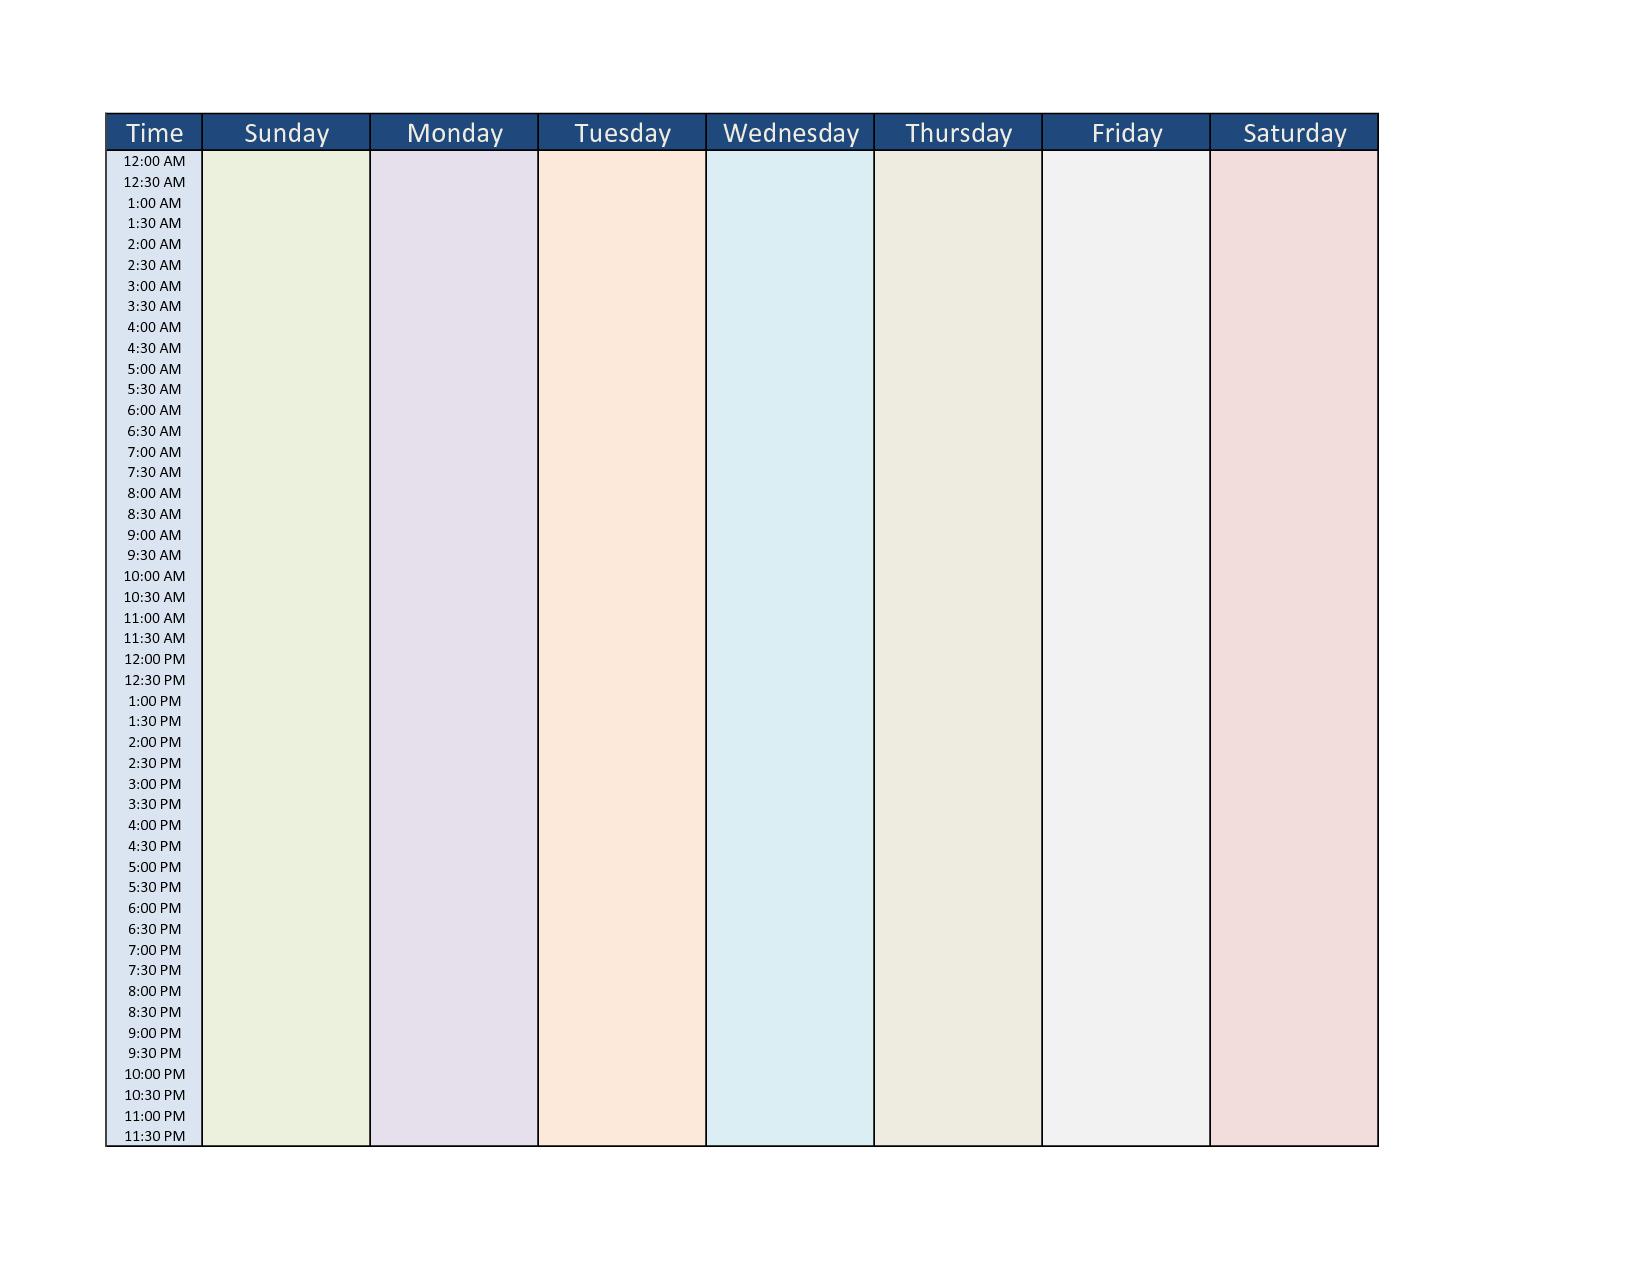 7Day Calendar Template